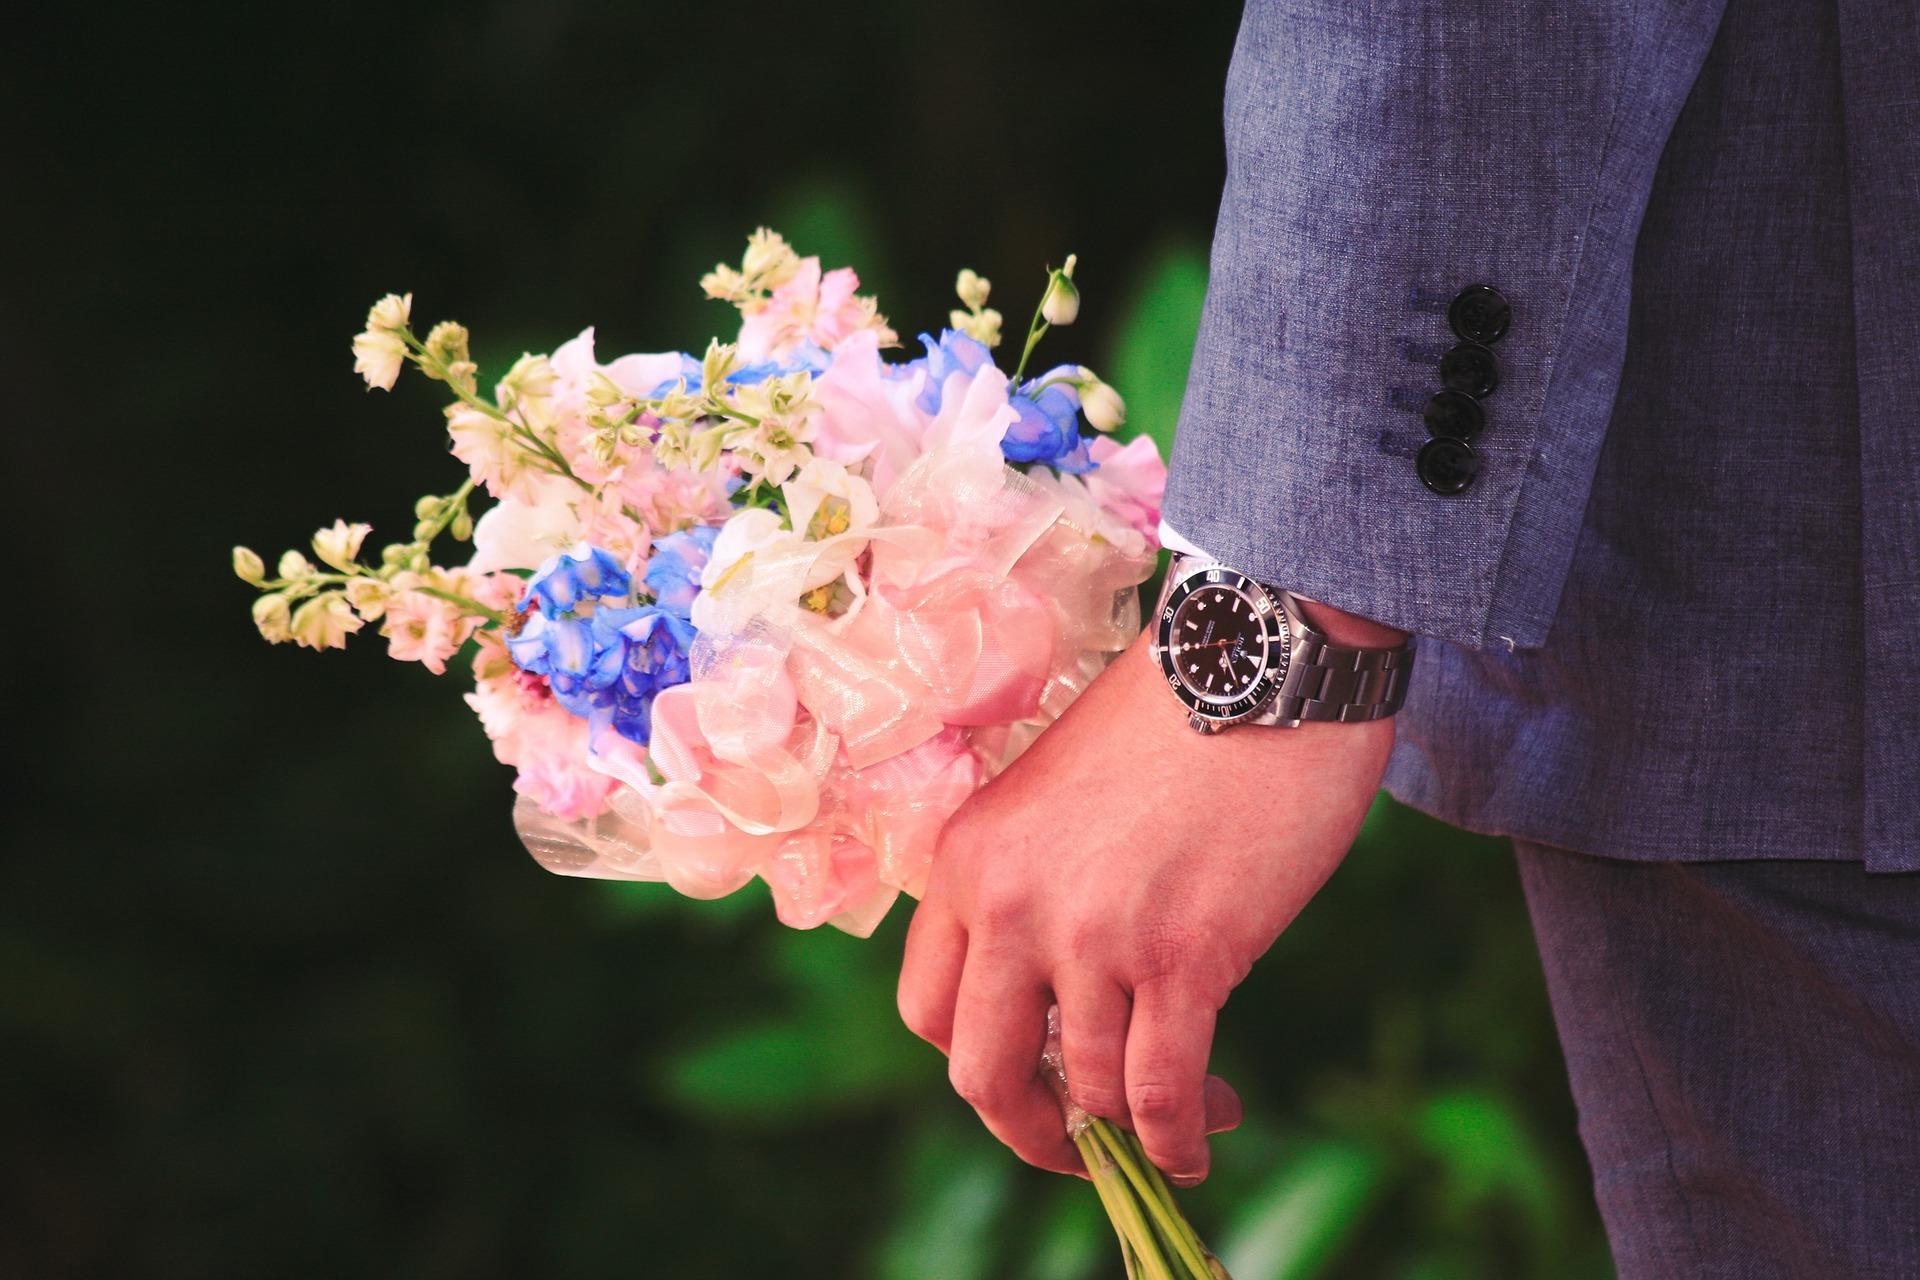 Virág mellé? Vagy helyette?